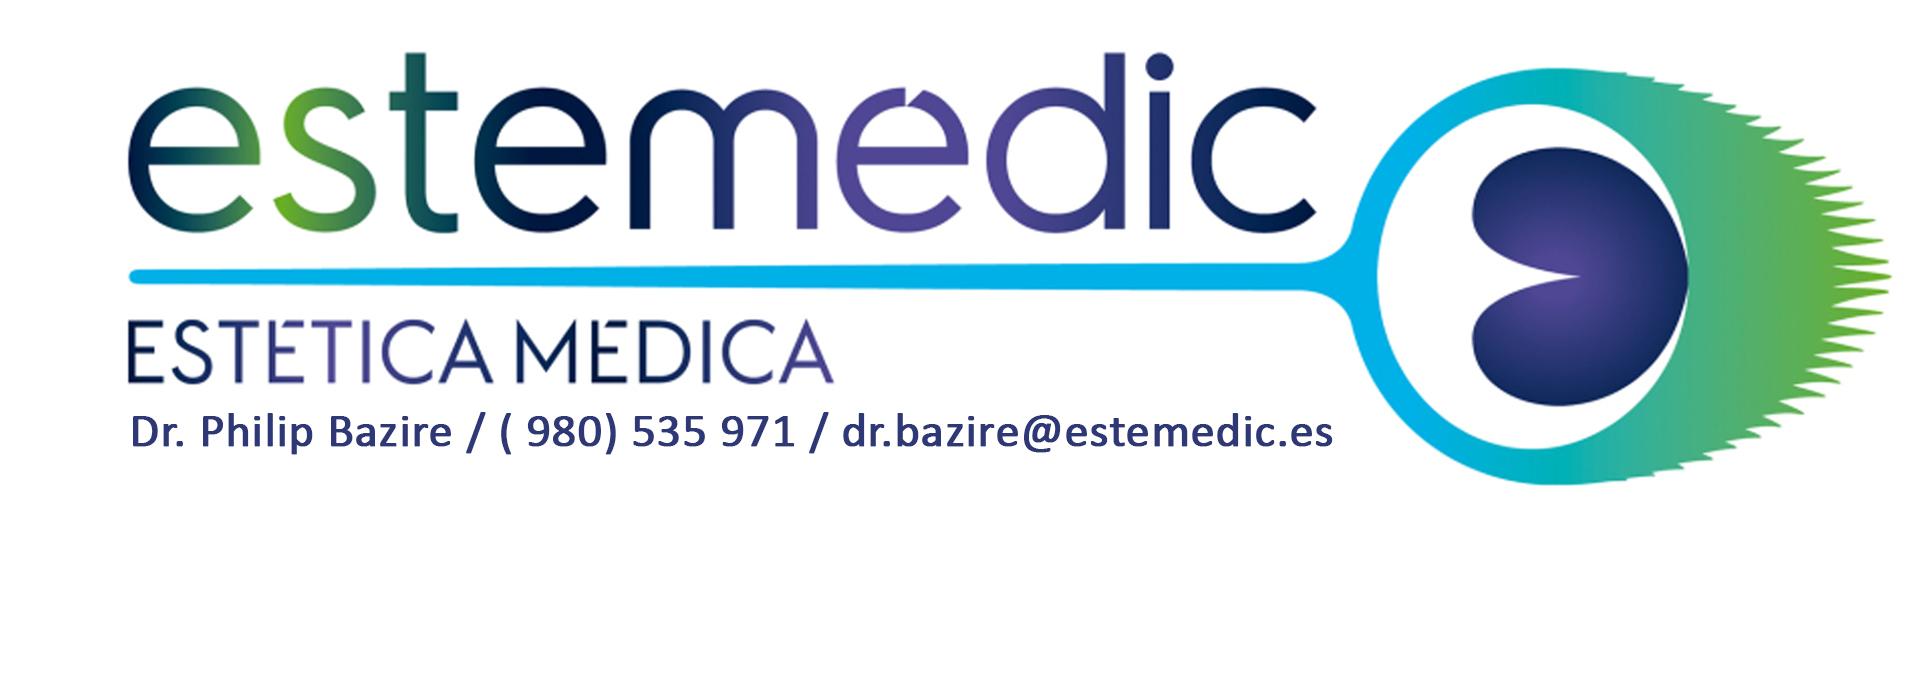 medical-slide-44